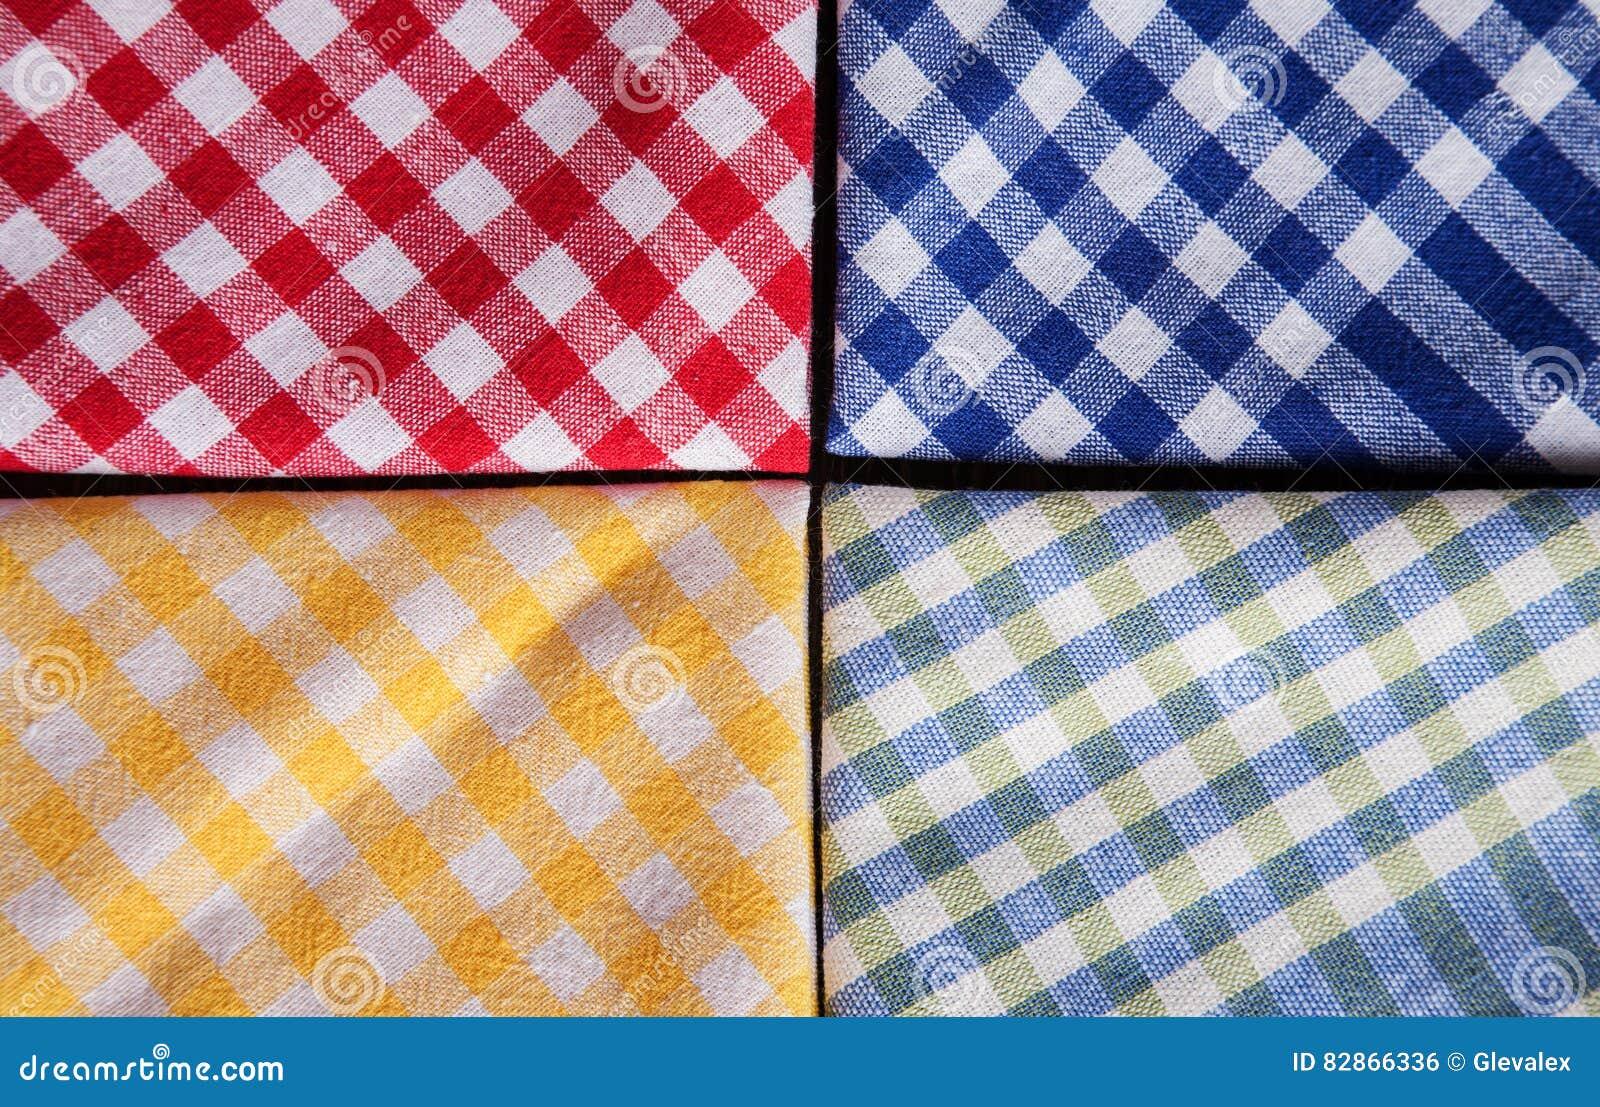 3e6df9a43c39 Vista Sopraelevata Colorata Dei Tovaglioli A Quadretti Fotografia ...